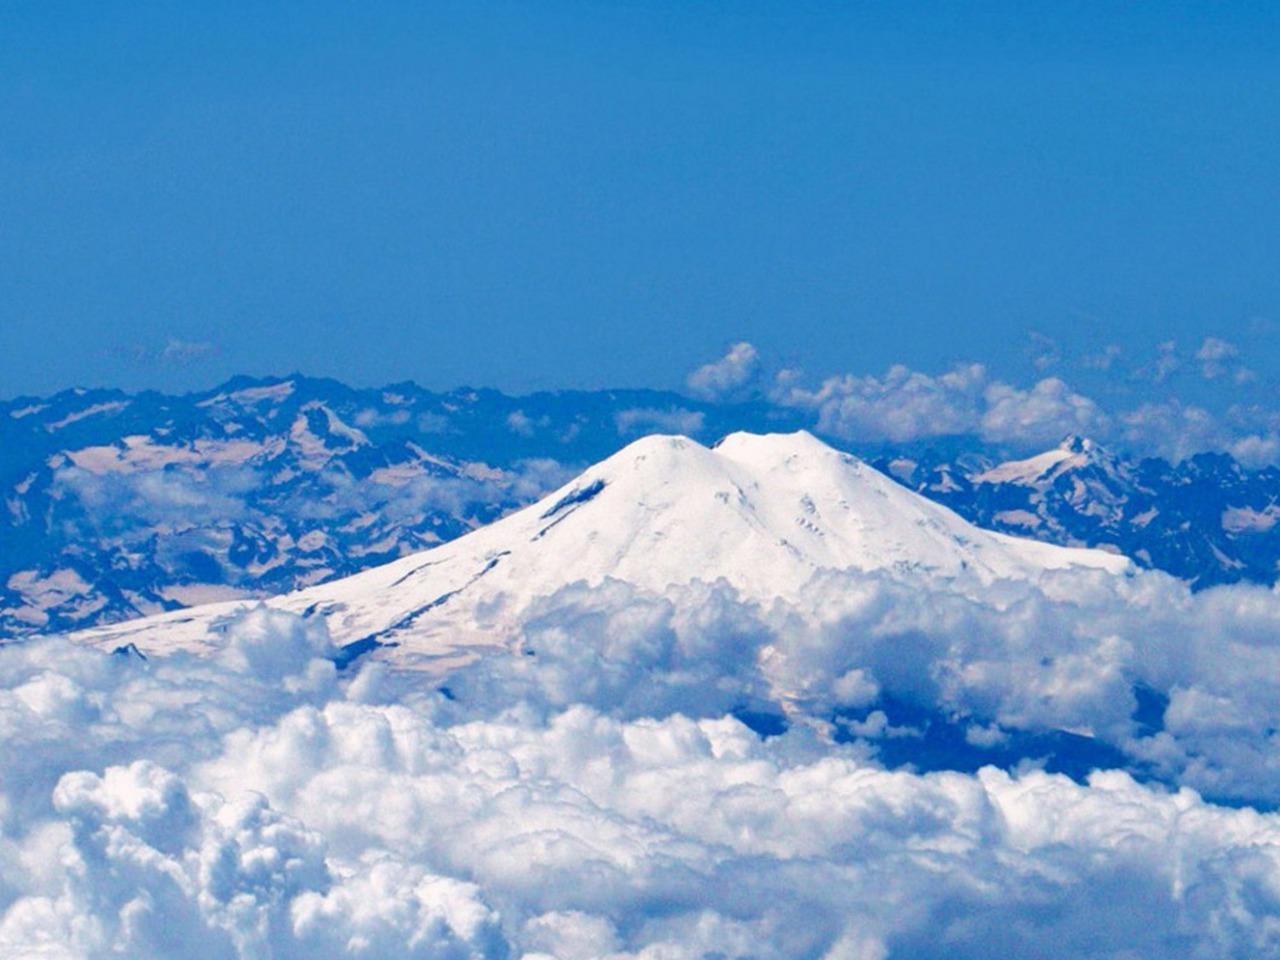 Горы, от которых захватывает дух: Эльбрус - групповая экскурсия в Кисловодске от опытного гида